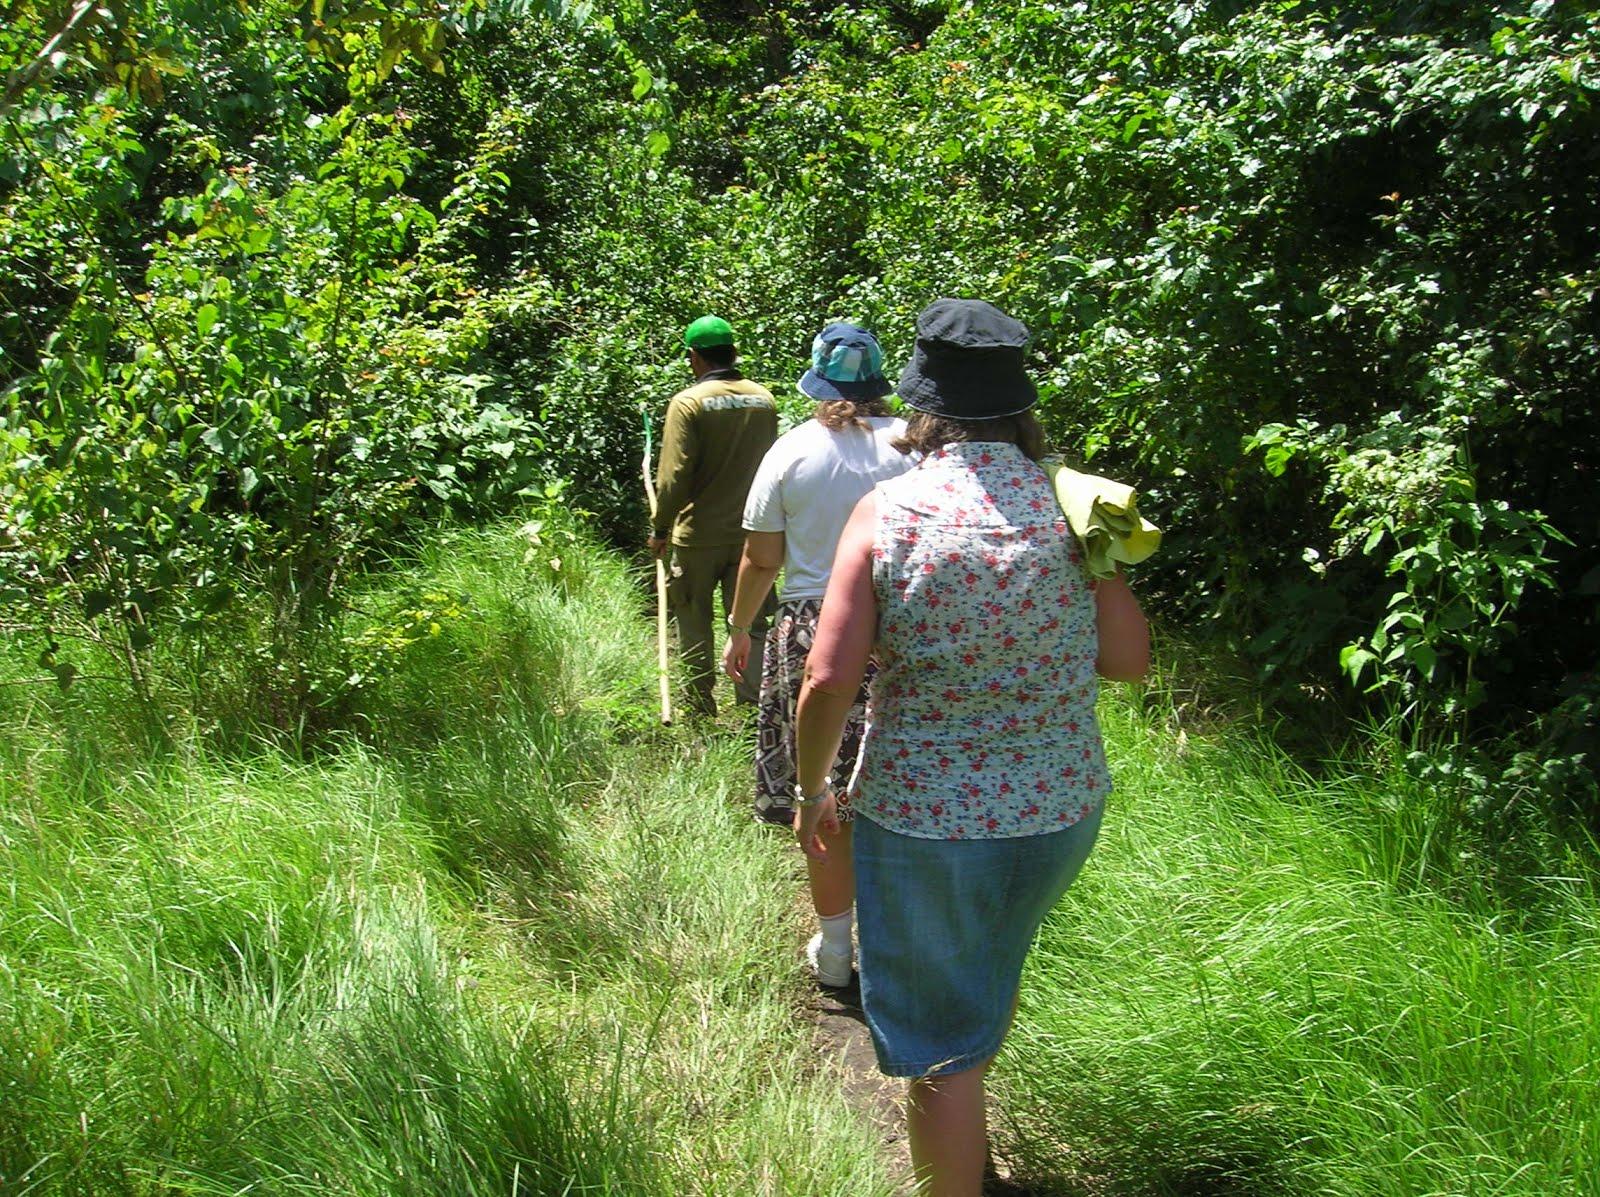 Ranger, Parque Nacional de Komodo,Isla de Ricla, Isla de Flores, vuelta al mundo, round the world, La vuelta al mundo de Asun y Ricardo